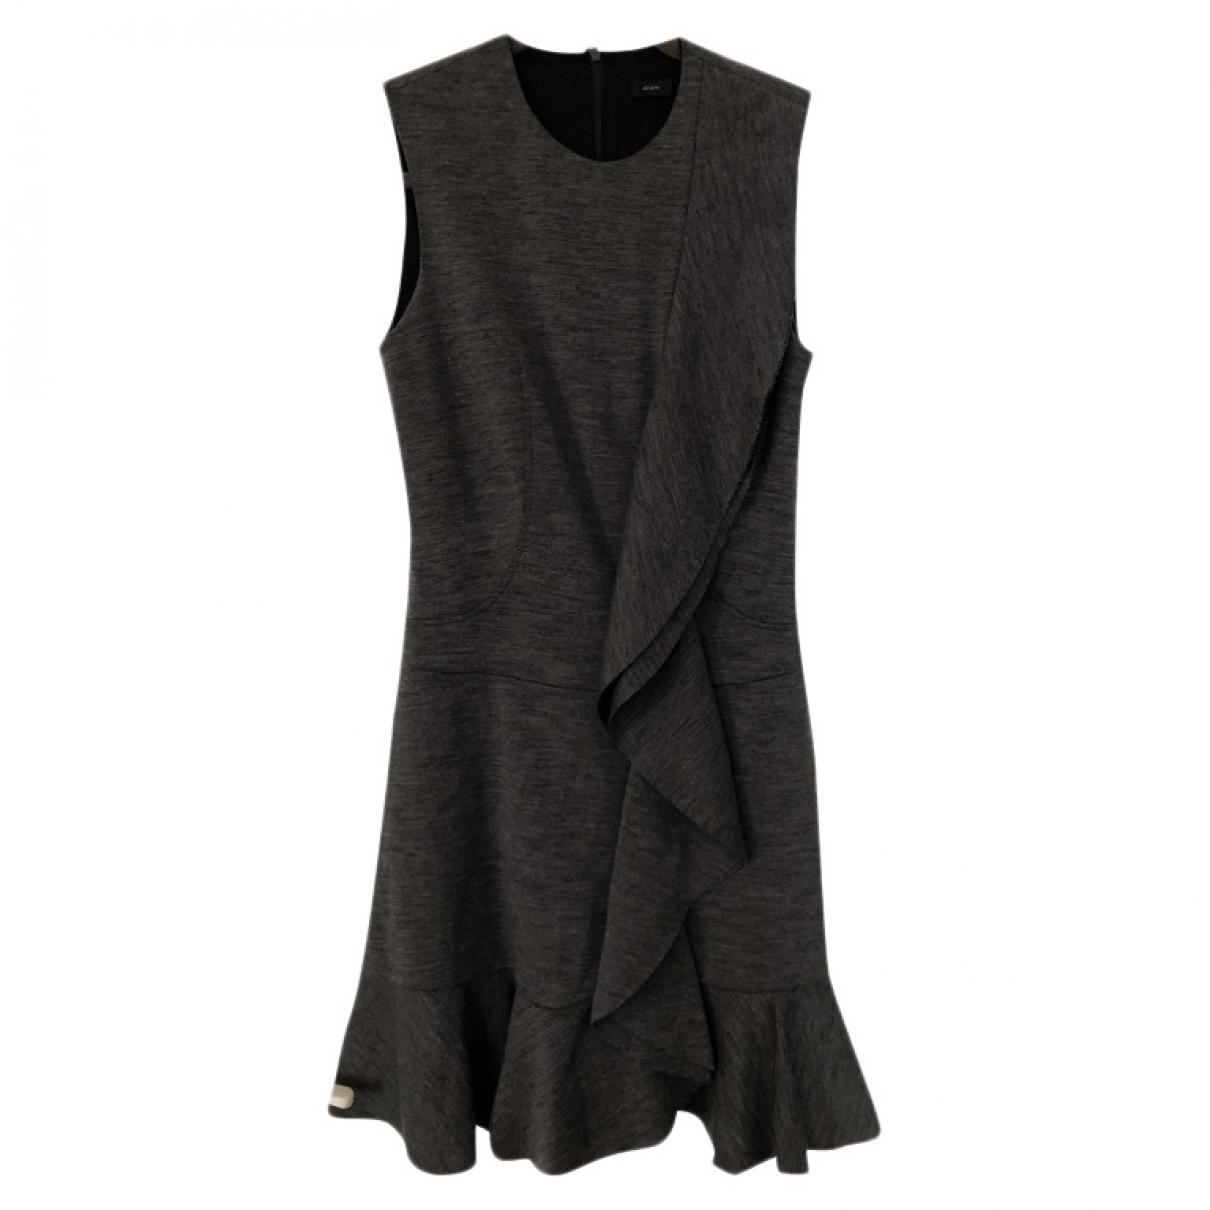 Joseph \N Kleid in  Grau Wolle